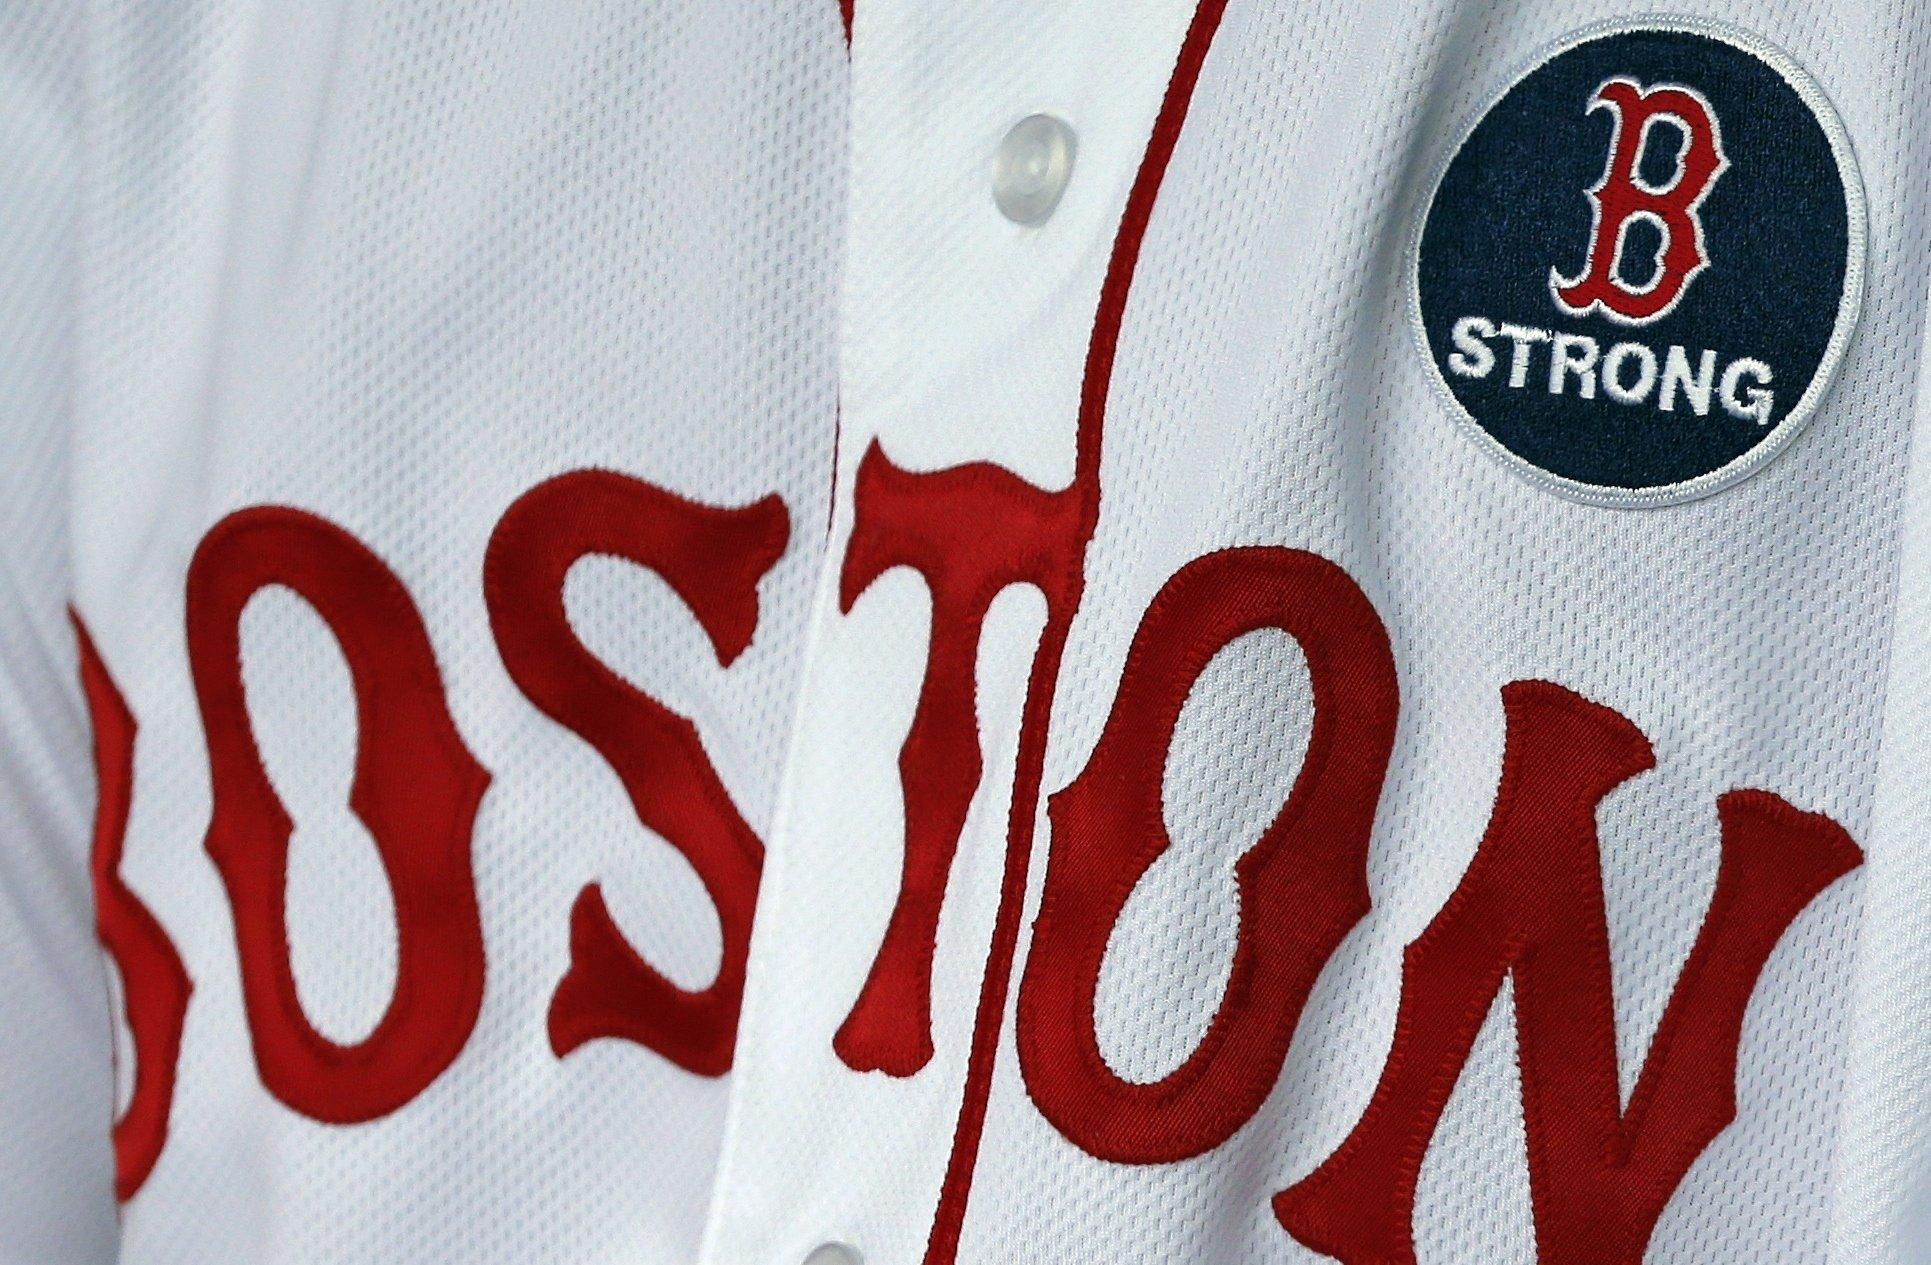 Boston Red Sox Hd Wallpaper 1931x1265